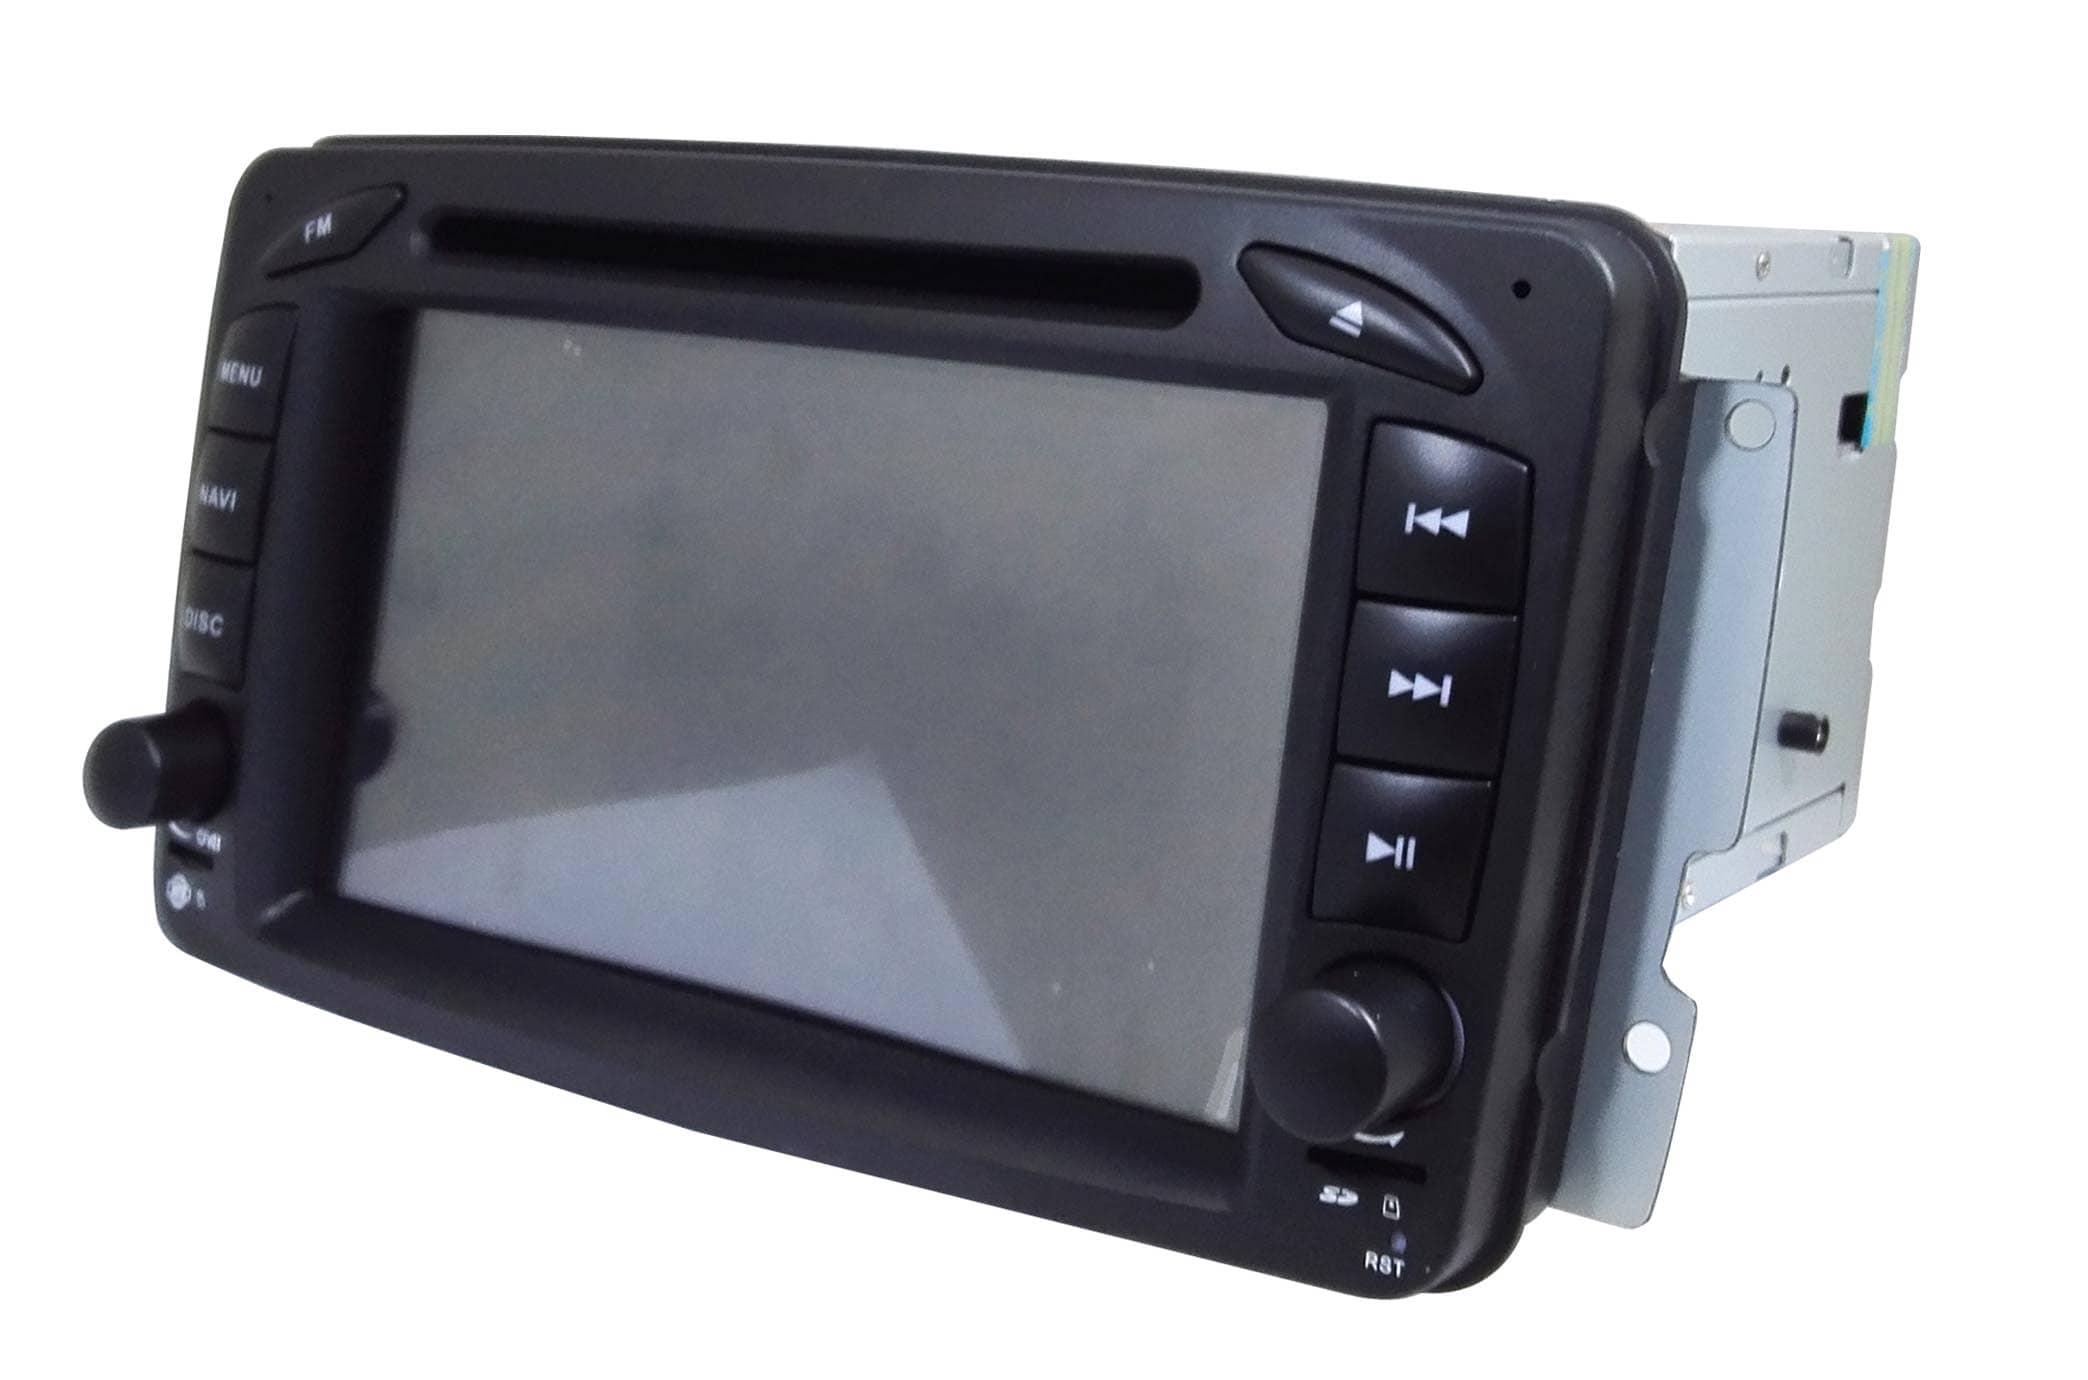 Mercedes_Przedlift_W203_W209_Vito_Viano_4_64_GB_Android_PX5_widok_z_prawej